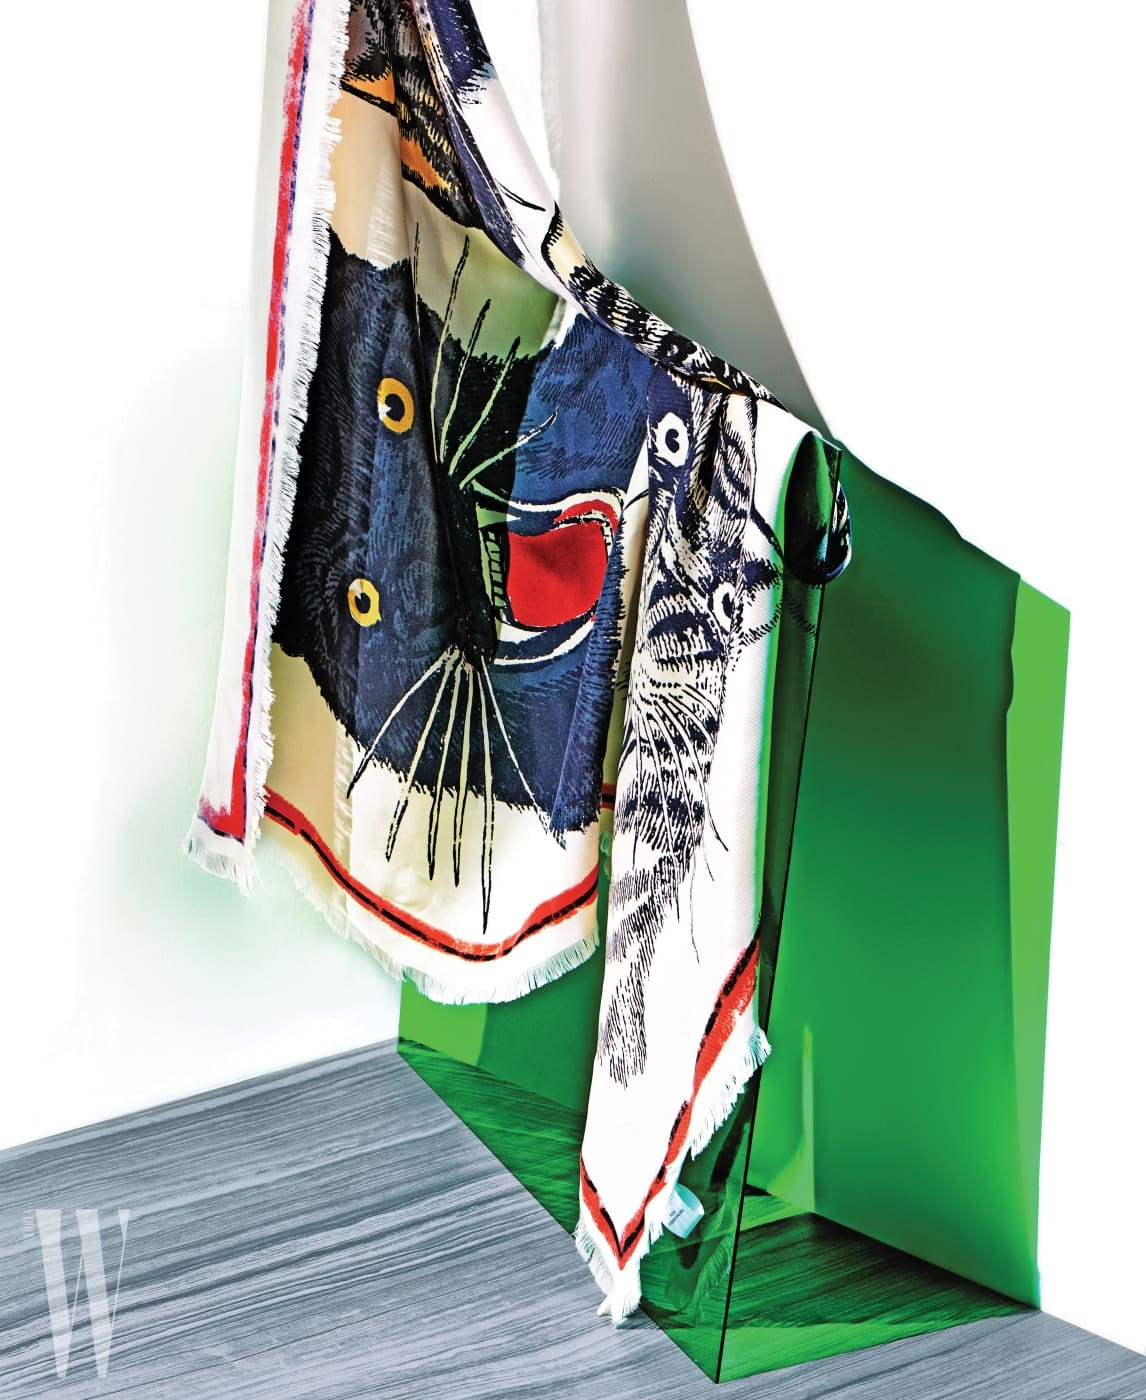 2. 큼직한 호랑이 패턴의 스카프는 구찌 제품. 61만원.